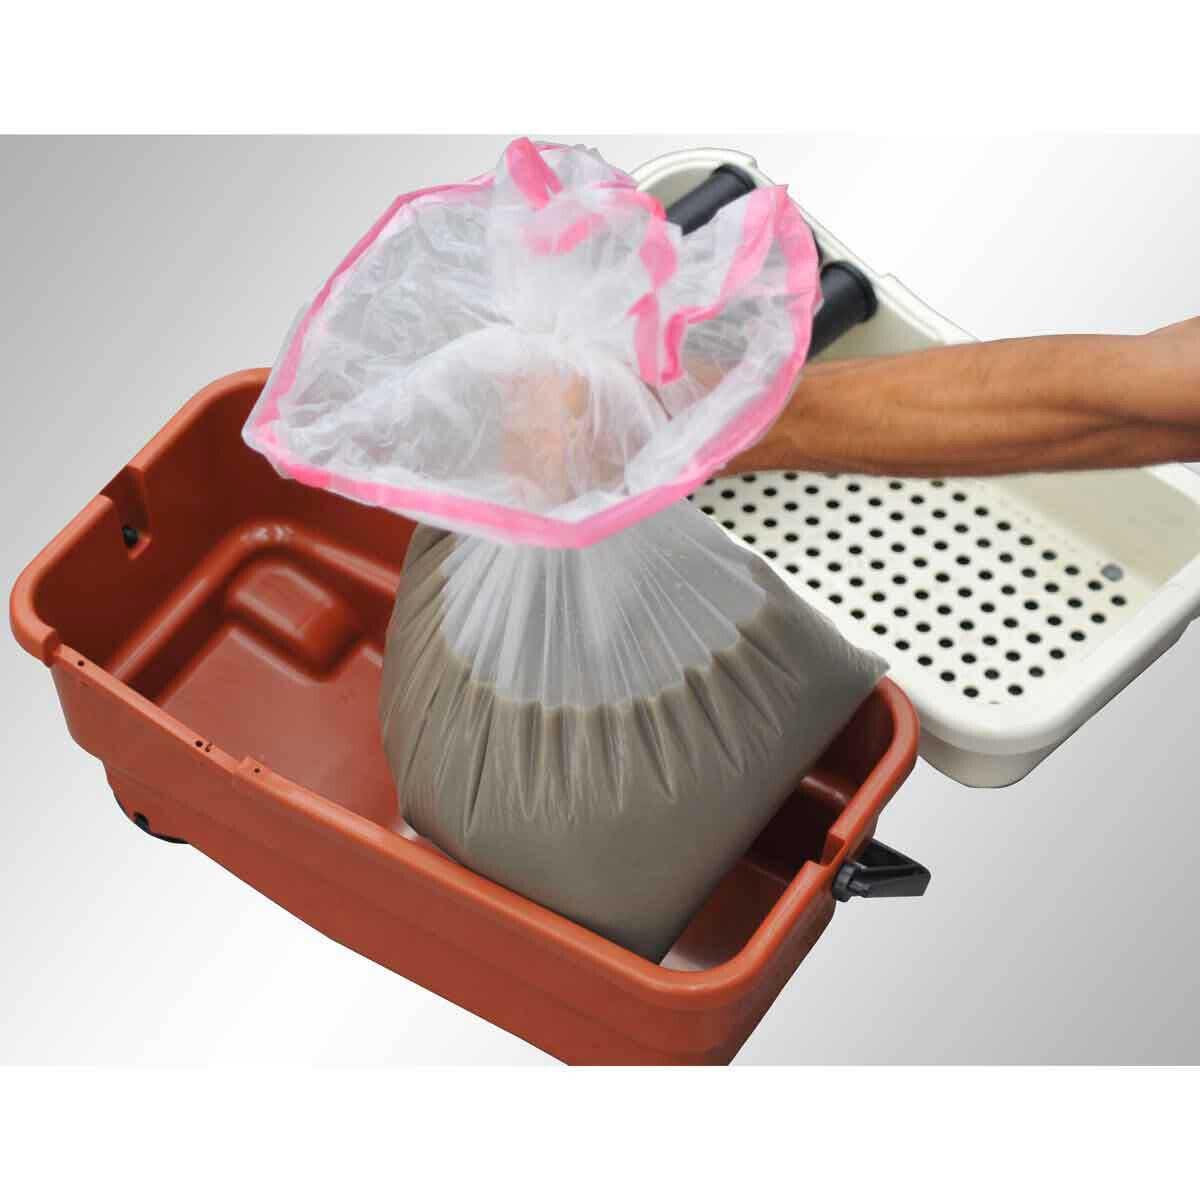 Raimondi Grout Bag Disposal